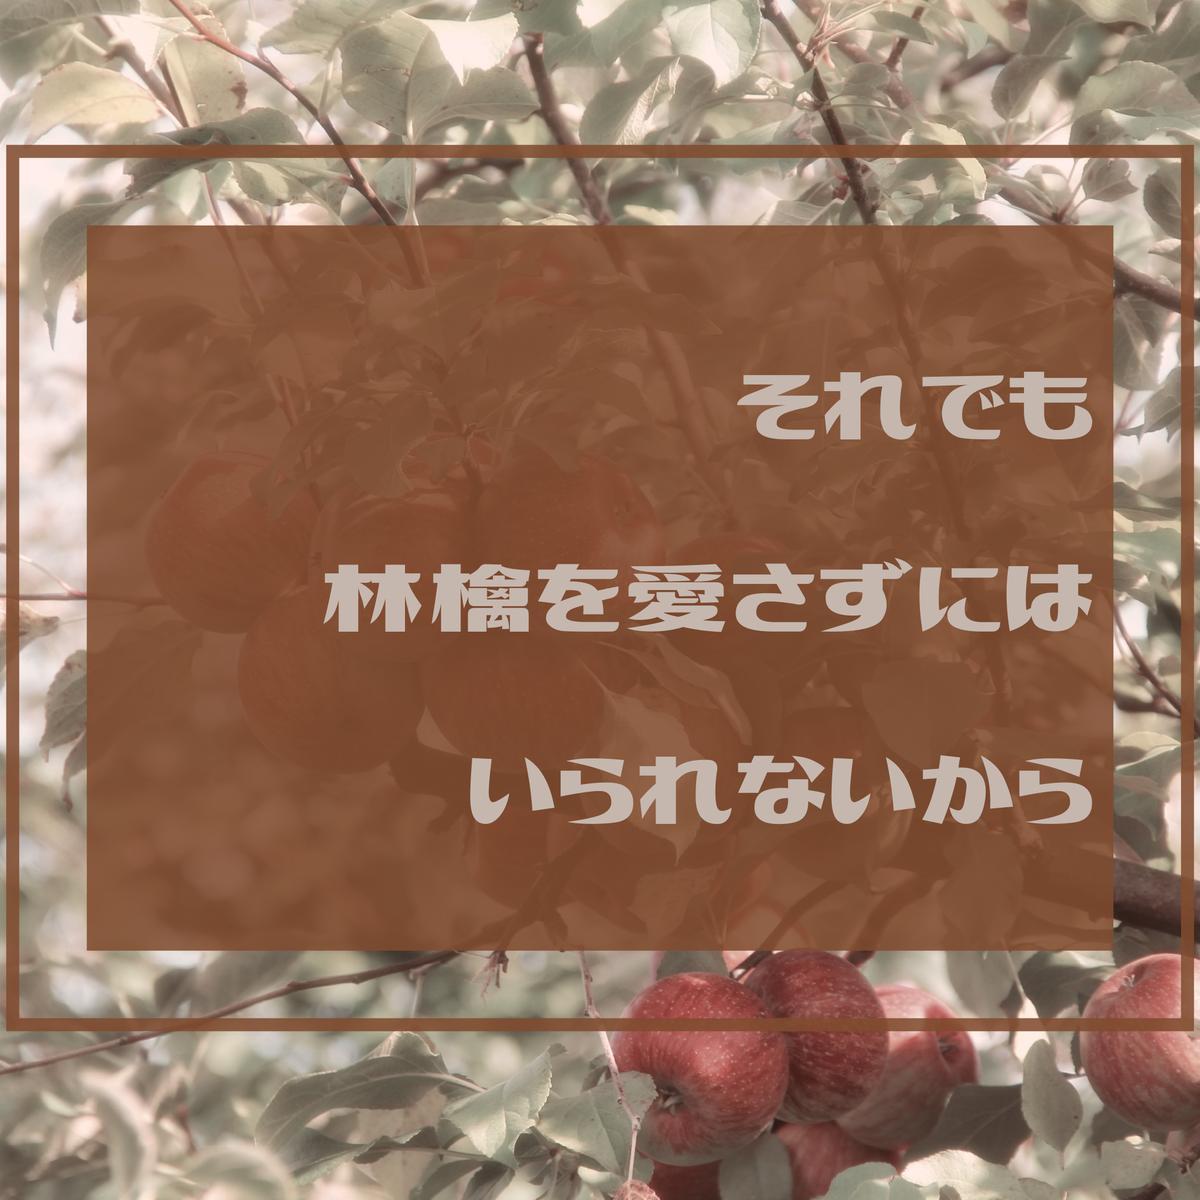 f:id:tsukino25:20190731183327p:plain